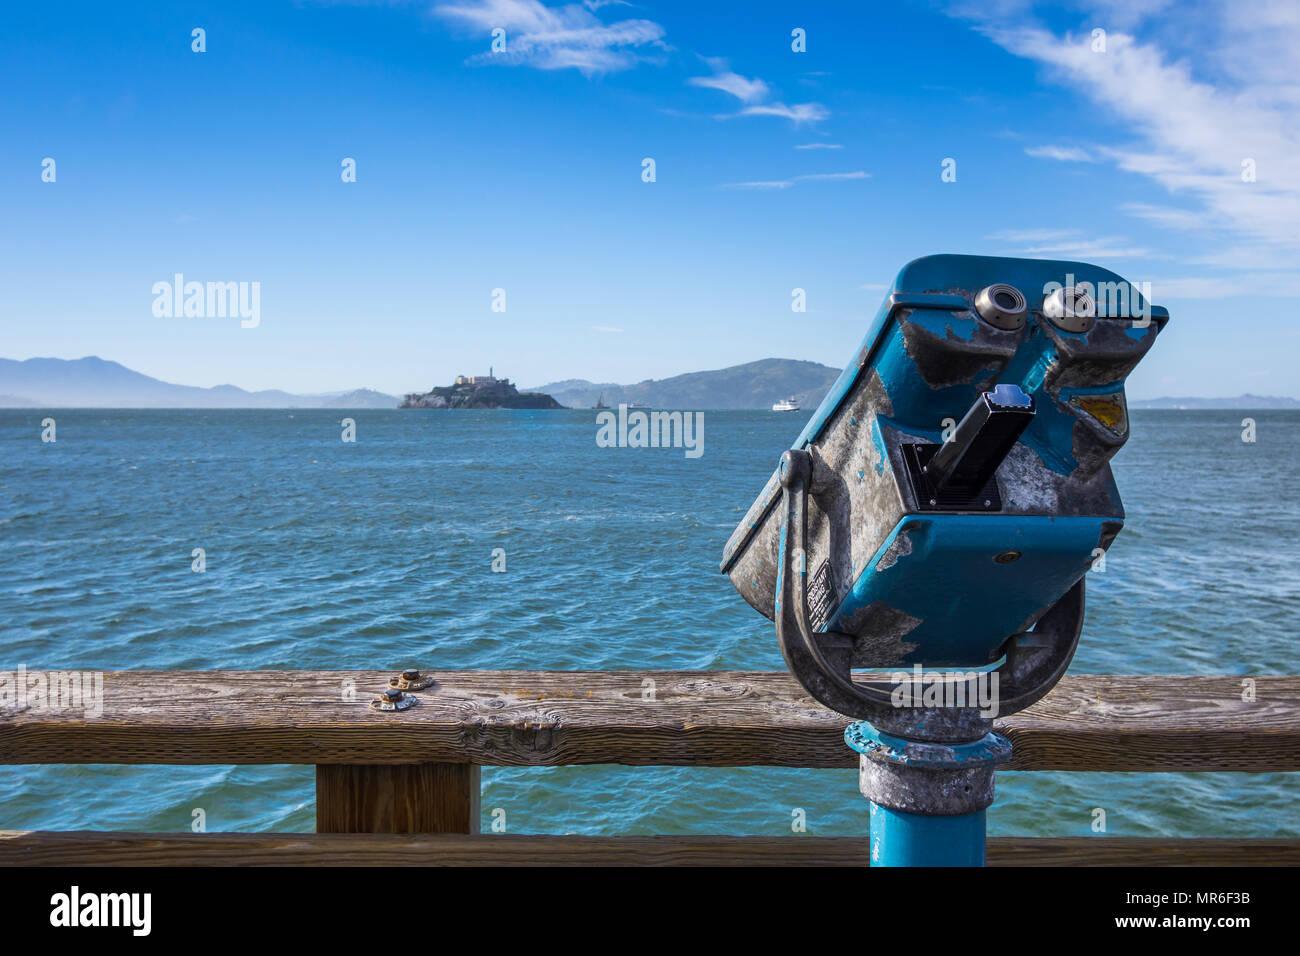 View of Alcatraz from Fisherman's Wharf, San Francisco, CA, USA. - Stock Image